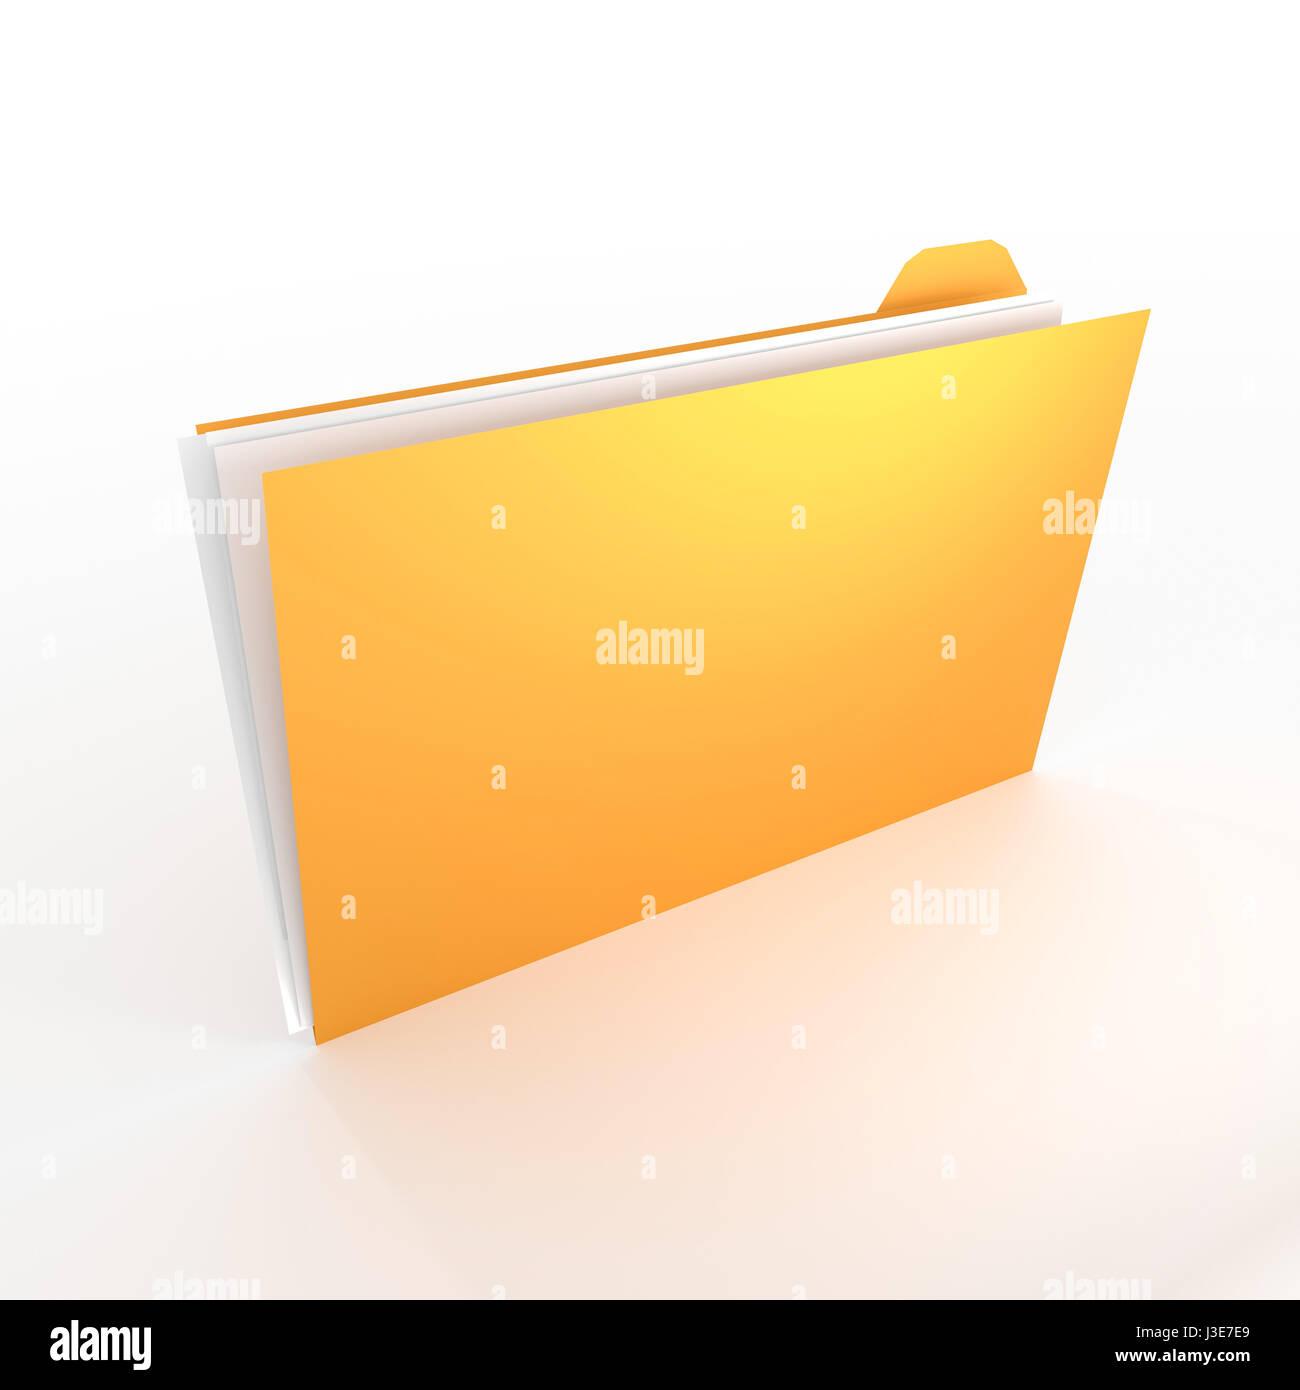 3D - gran concepto de carpeta para temas como Office, documentos, datos, investigación, etc. Imagen De Stock